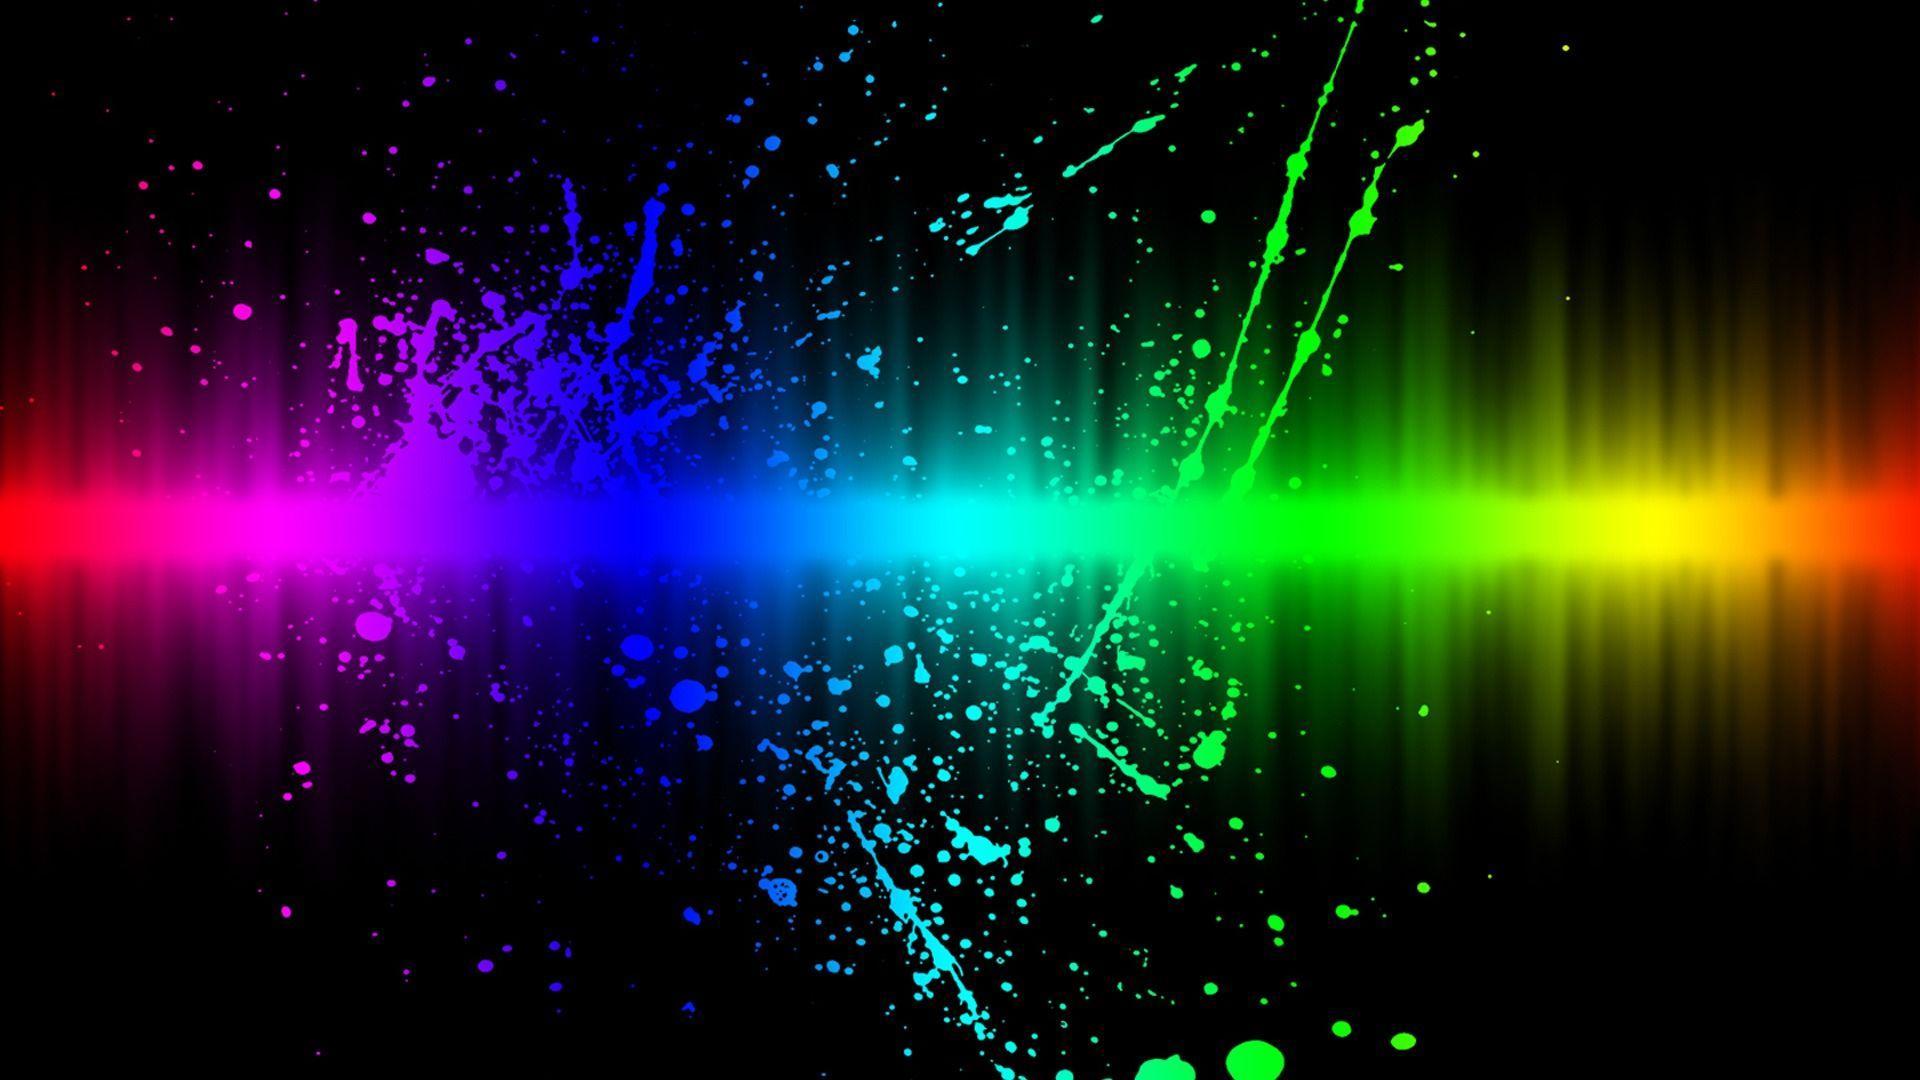 christmas neon lights hd - photo #6